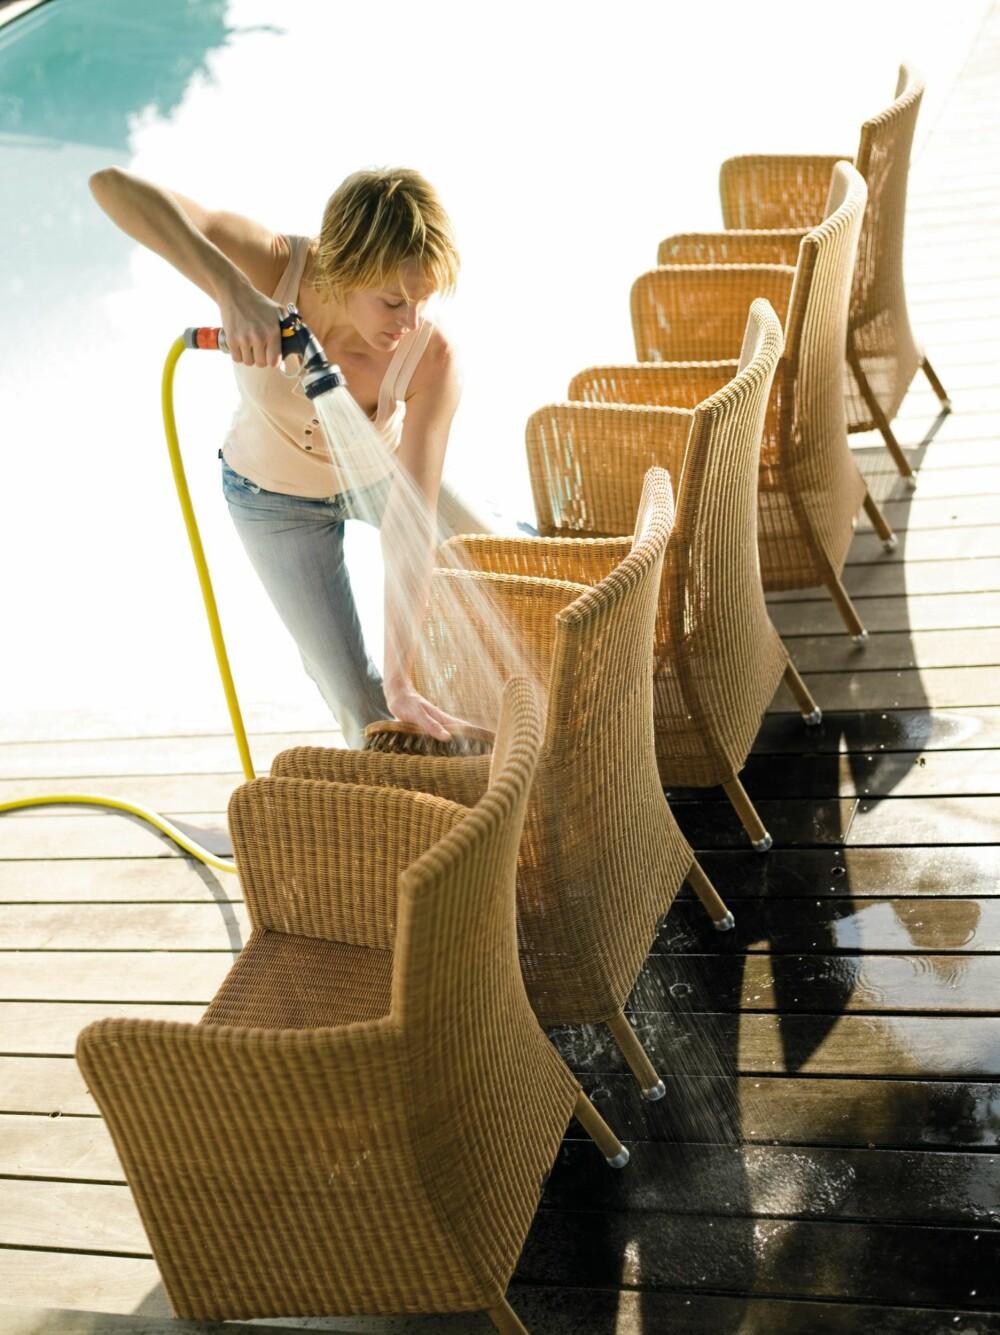 KUNSTROTTING: Møbler i kunstrotting må ikke skrapes, beises eller males jevnlig, her holder det med vanlig vasking.